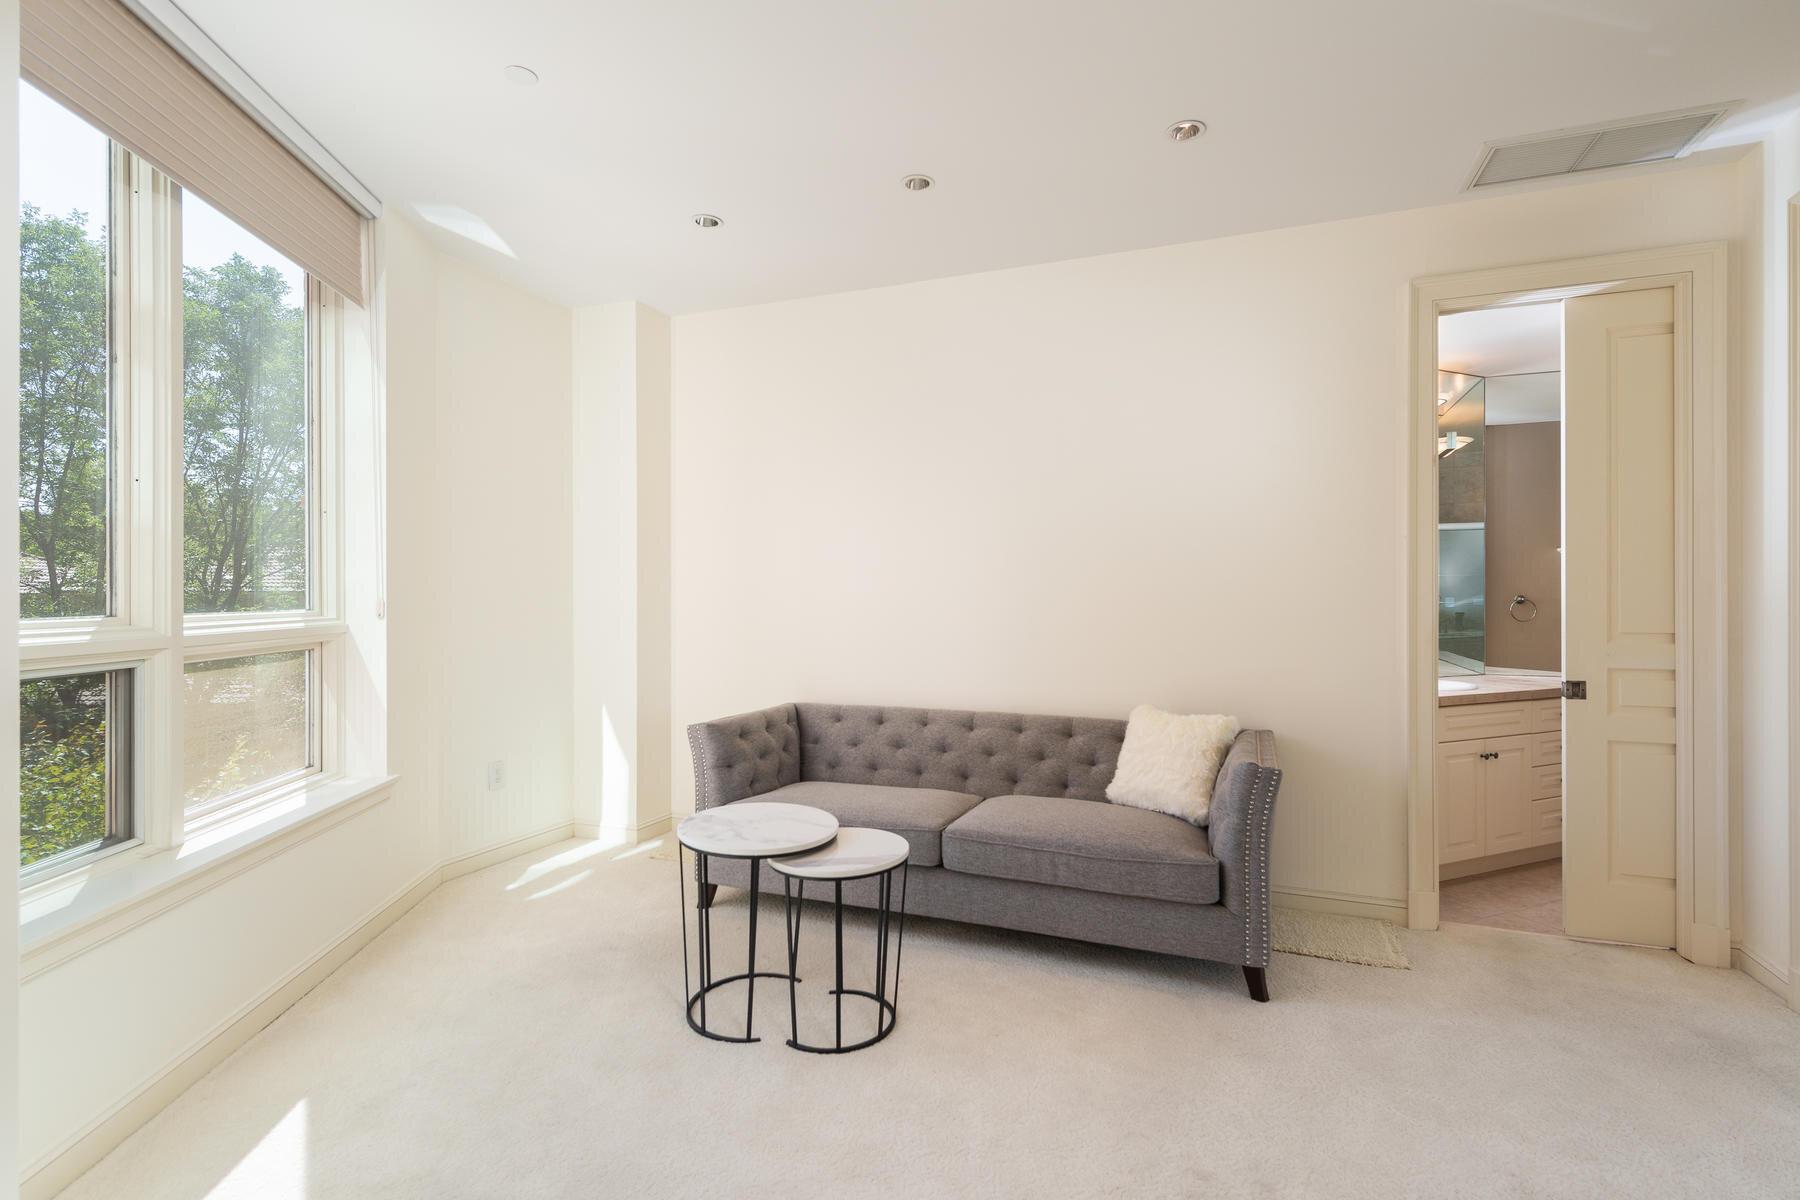 2400 Cherry Creek S Drive 308-037-089-Bedroom-MLS_Size.jpg